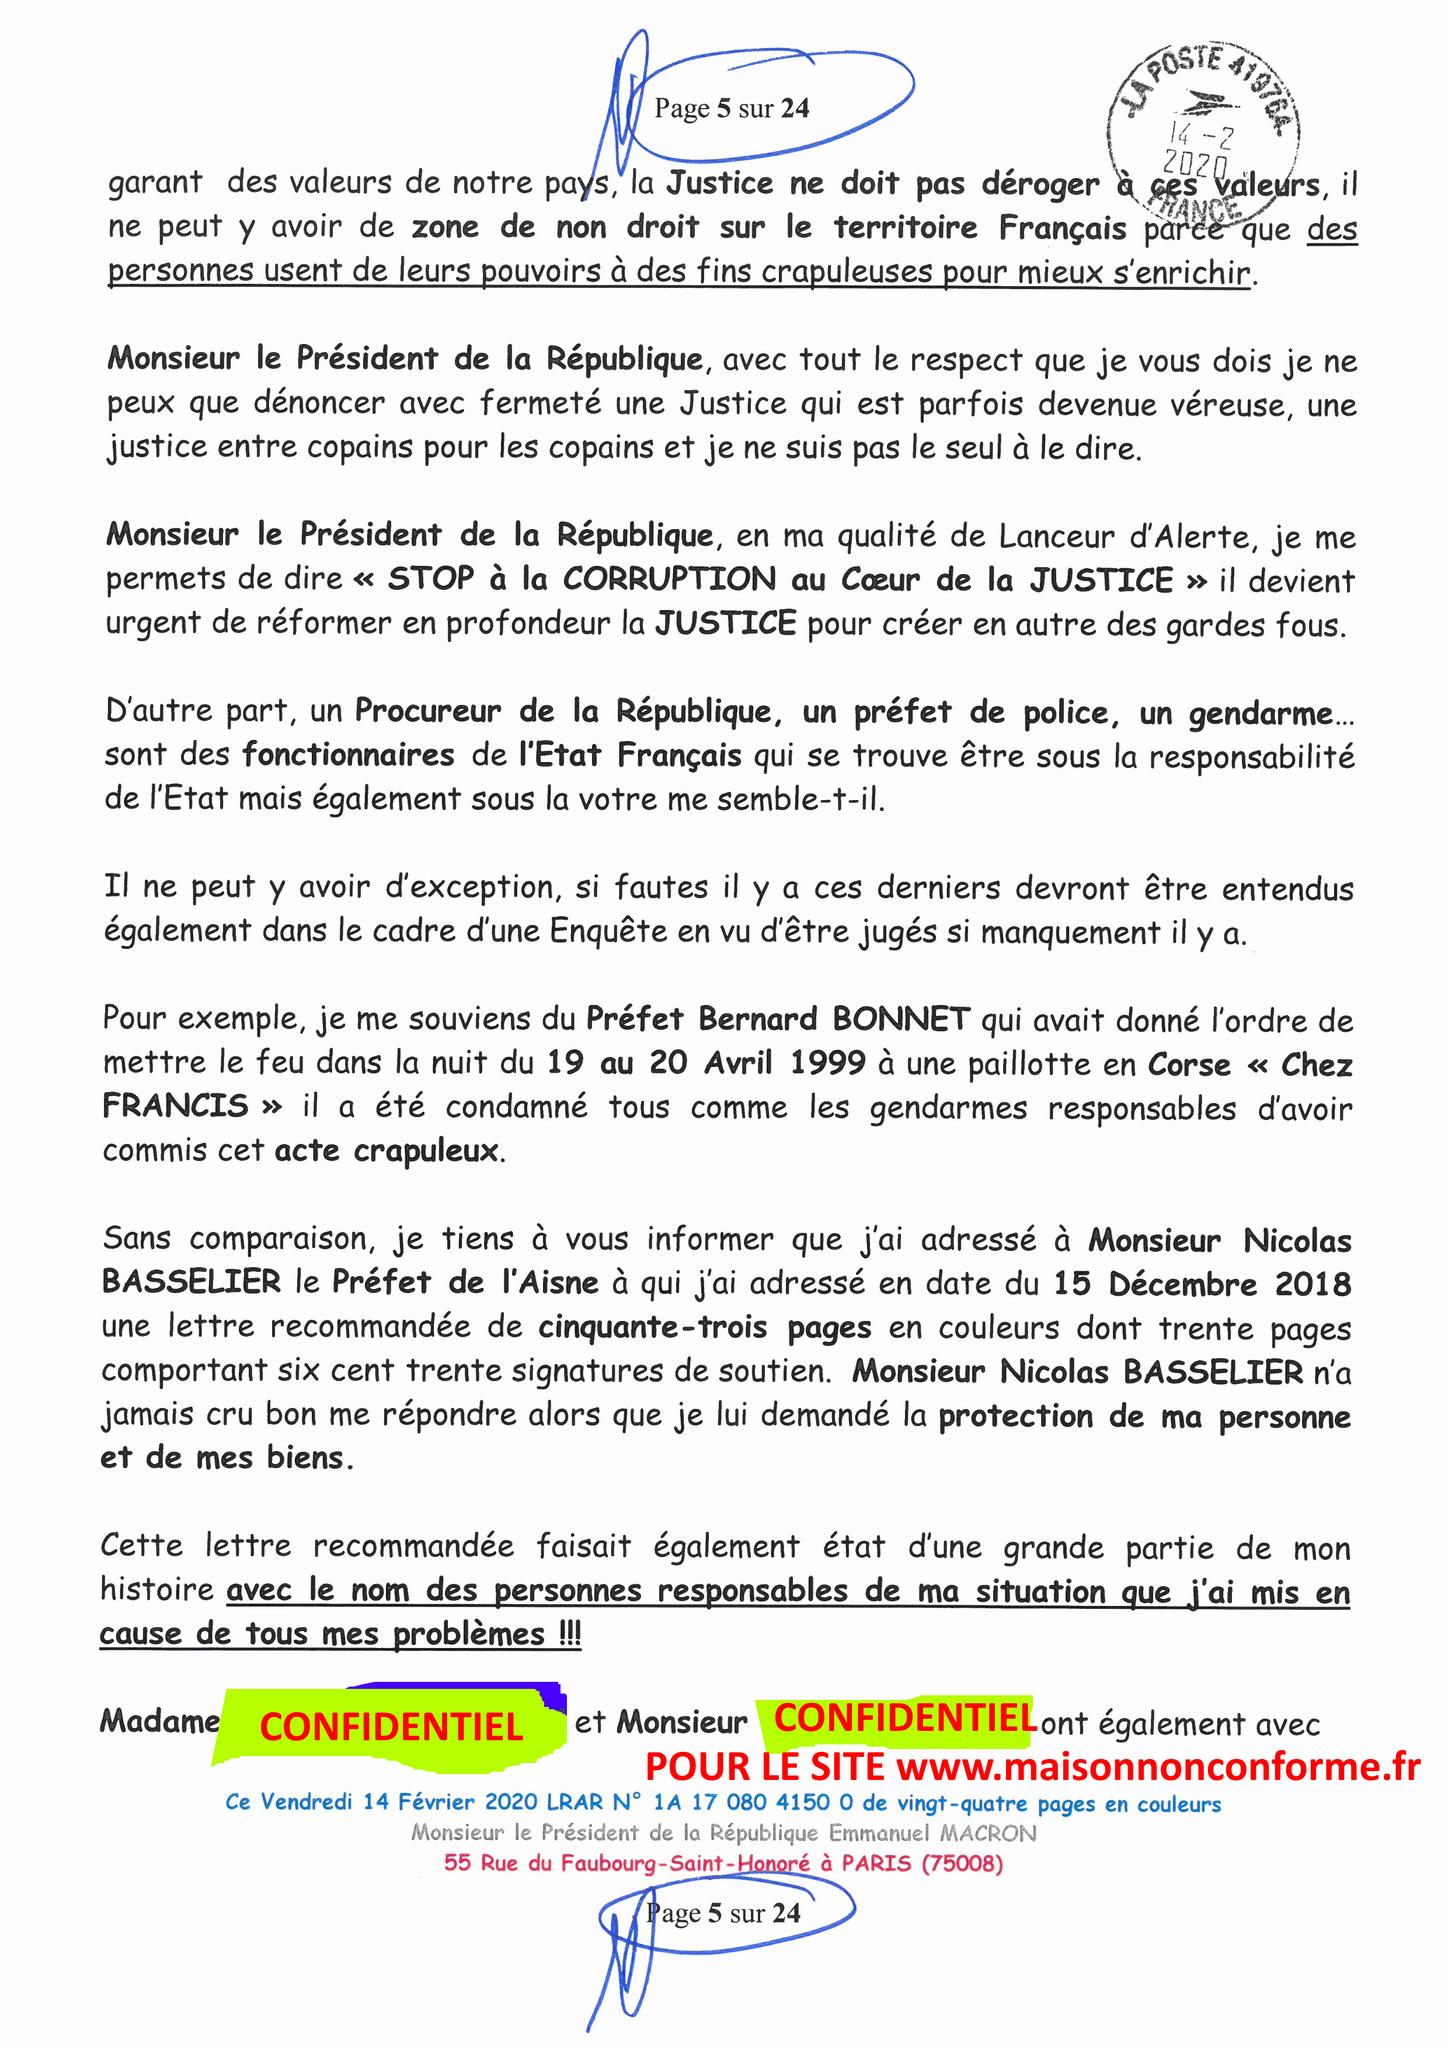 Ma lettre recommandée du 14 Février 2020 N° 1A 178 082 4150 0  page 5 sur 24 en couleur que j'ai adressé à Monsieur Emmanuel MACRON le Président de la République www.jesuispatrick.fr www.jesuisvictime.fr www.alerte-rouge-france.fr